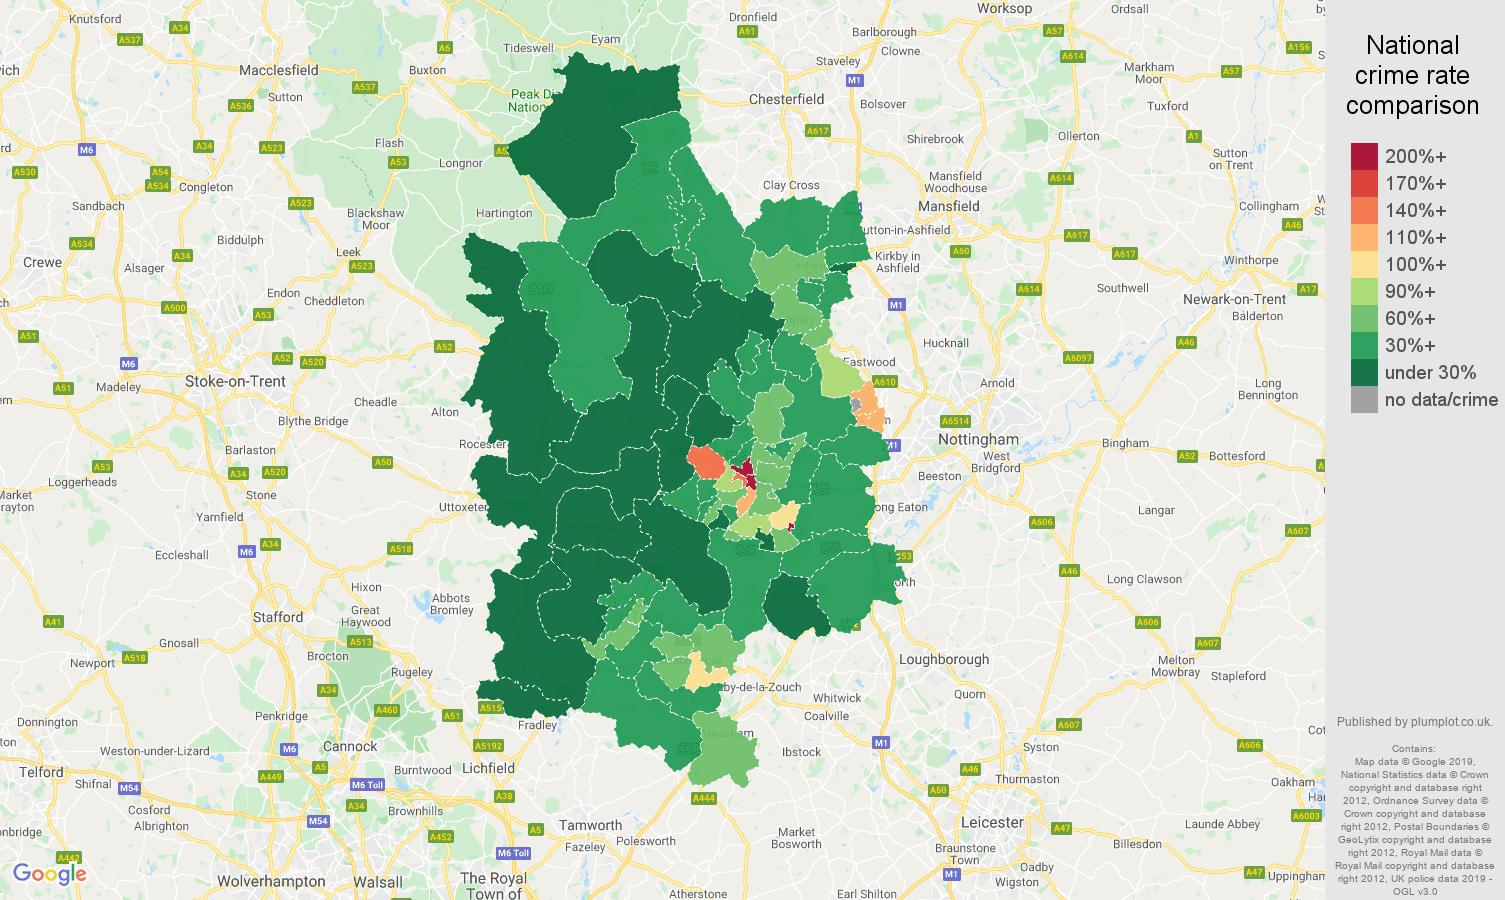 Derby public order crime rate comparison map